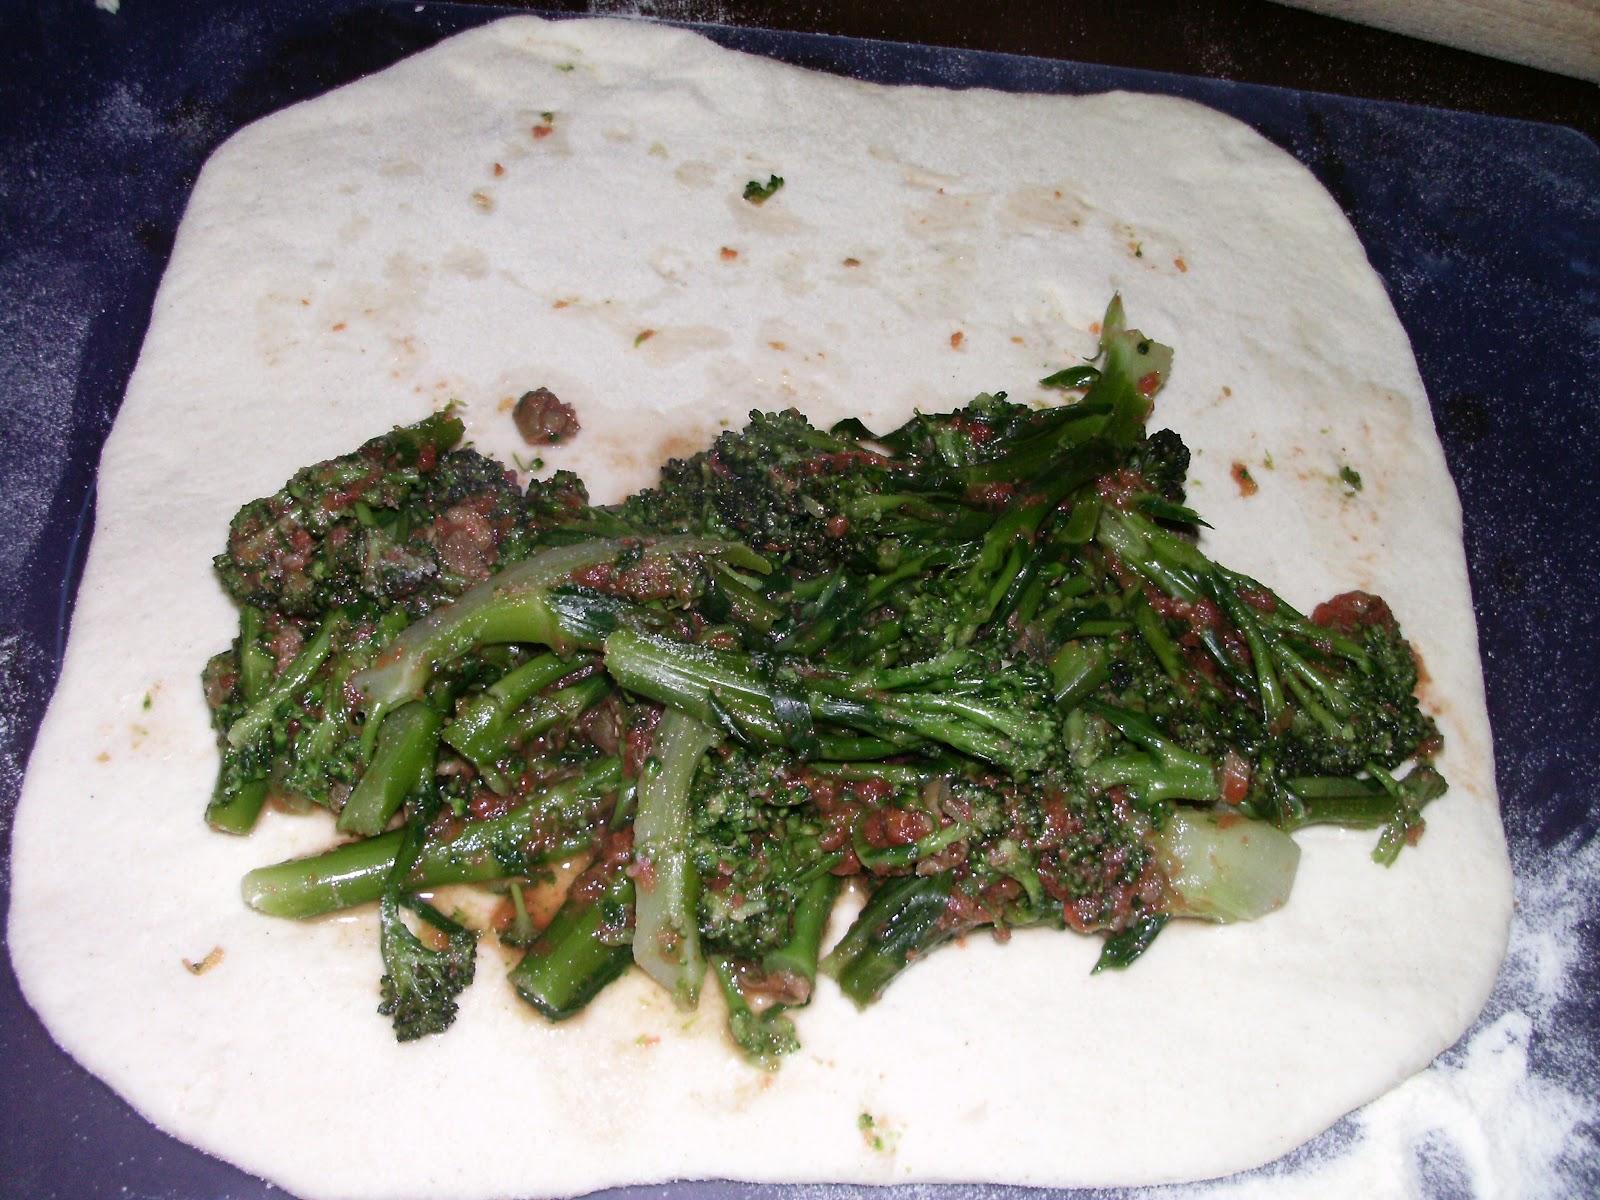 Cosa cucino oggi pastizza che ciurietti pasticcio con i cavolfiori - Cosa cucino oggi a cena ...